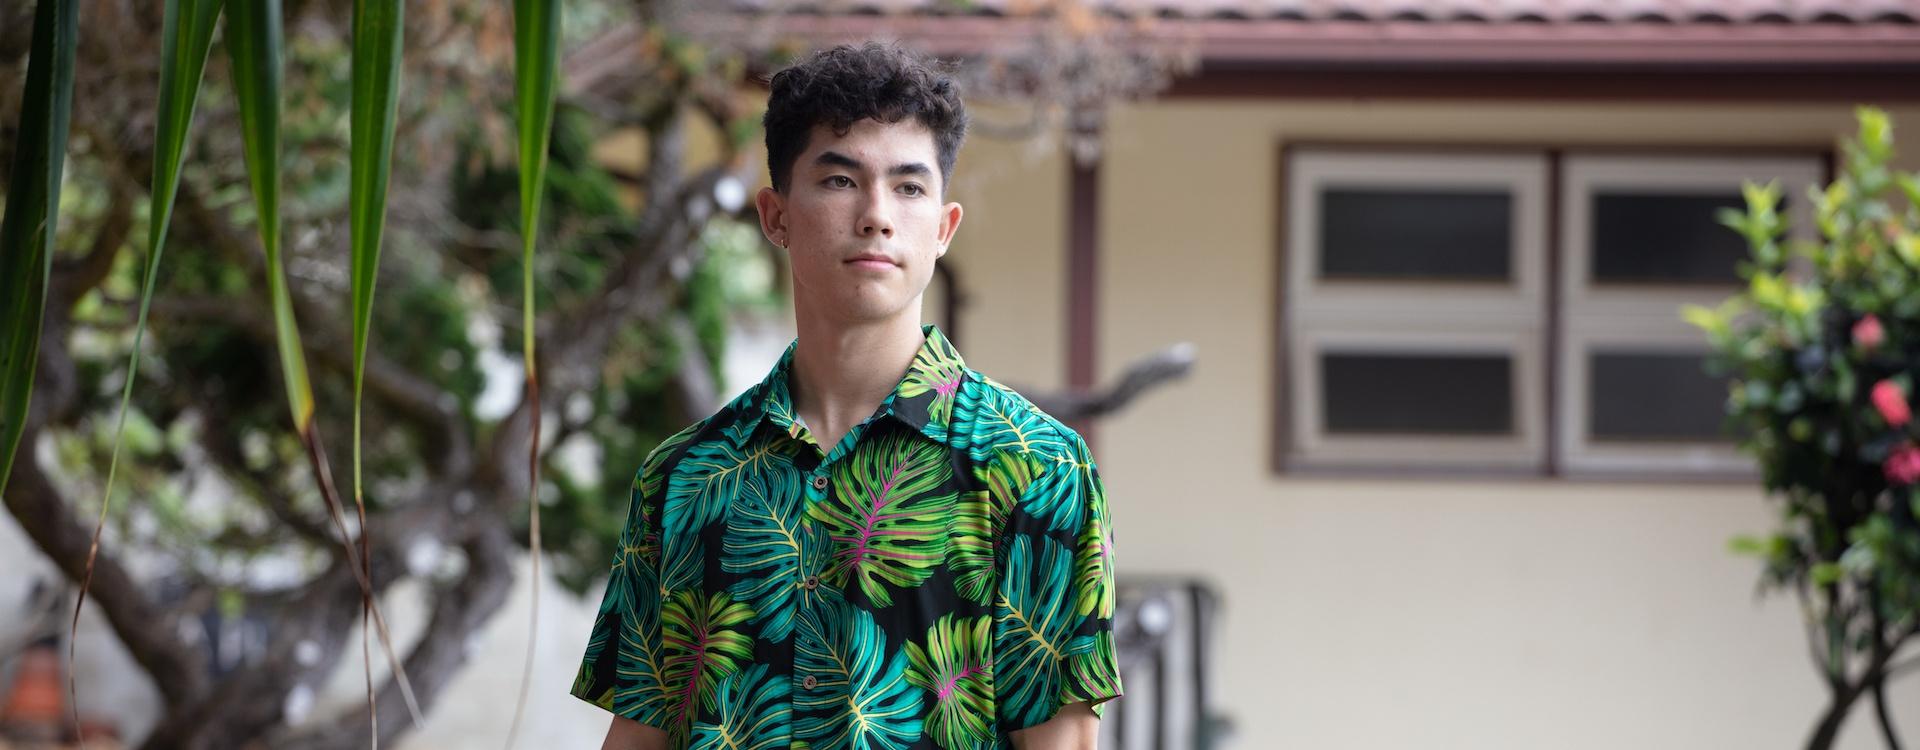 Luke in Men's Fluorescent Monstera Aloha Shirt